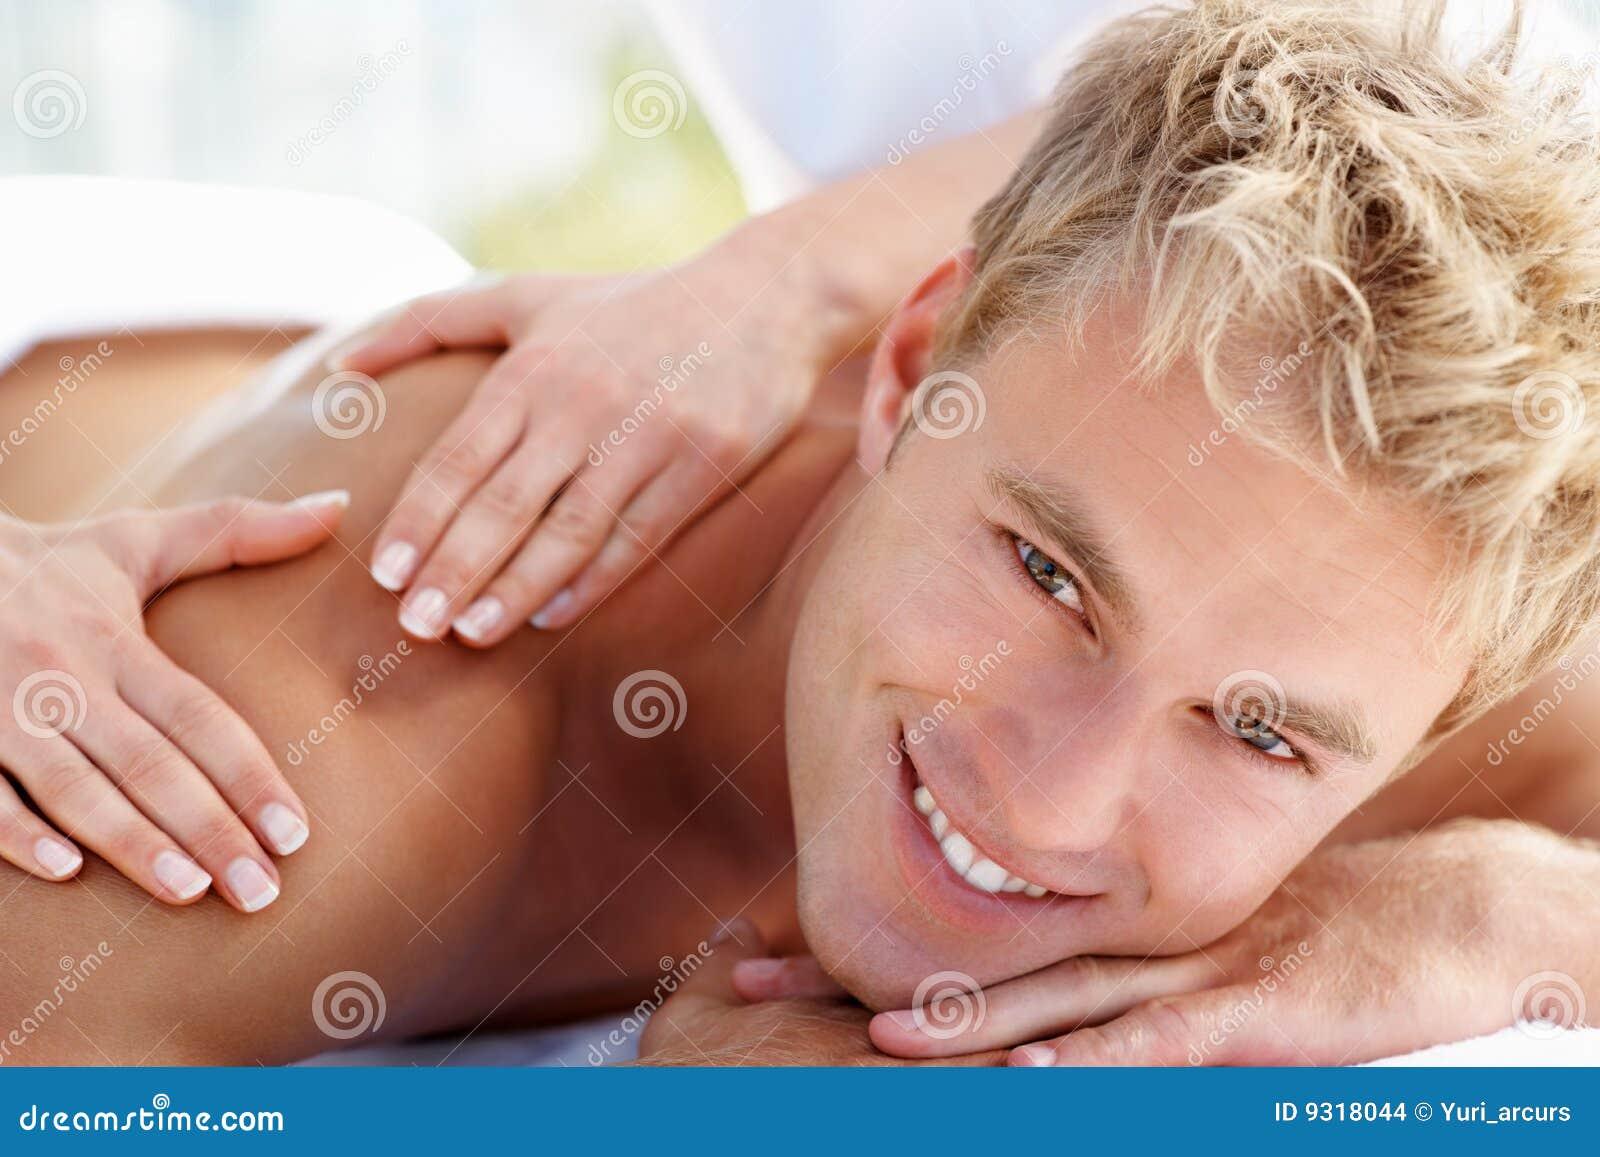 Пришла на массаж к мужчинам 7 фотография